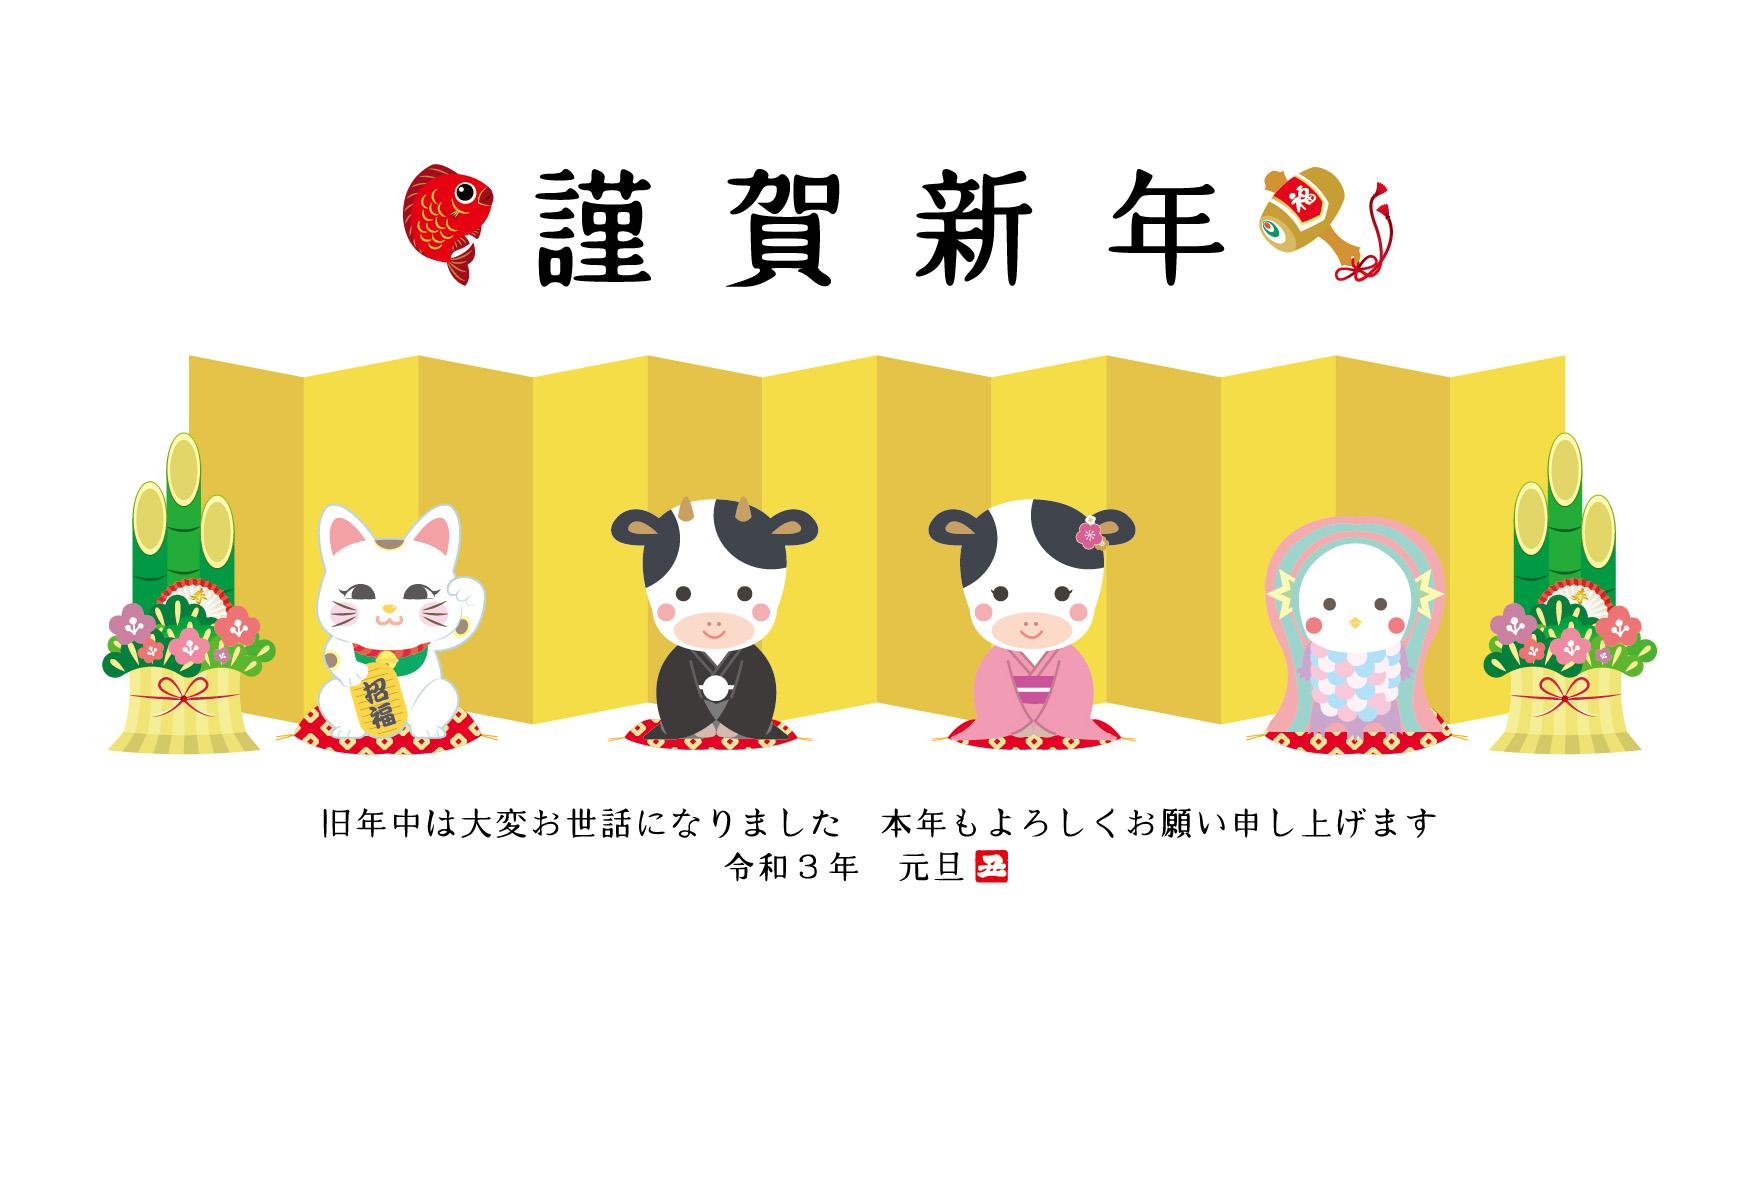 【✨謹賀新年✨2021年もどうぞよろしくお願い致します!!】